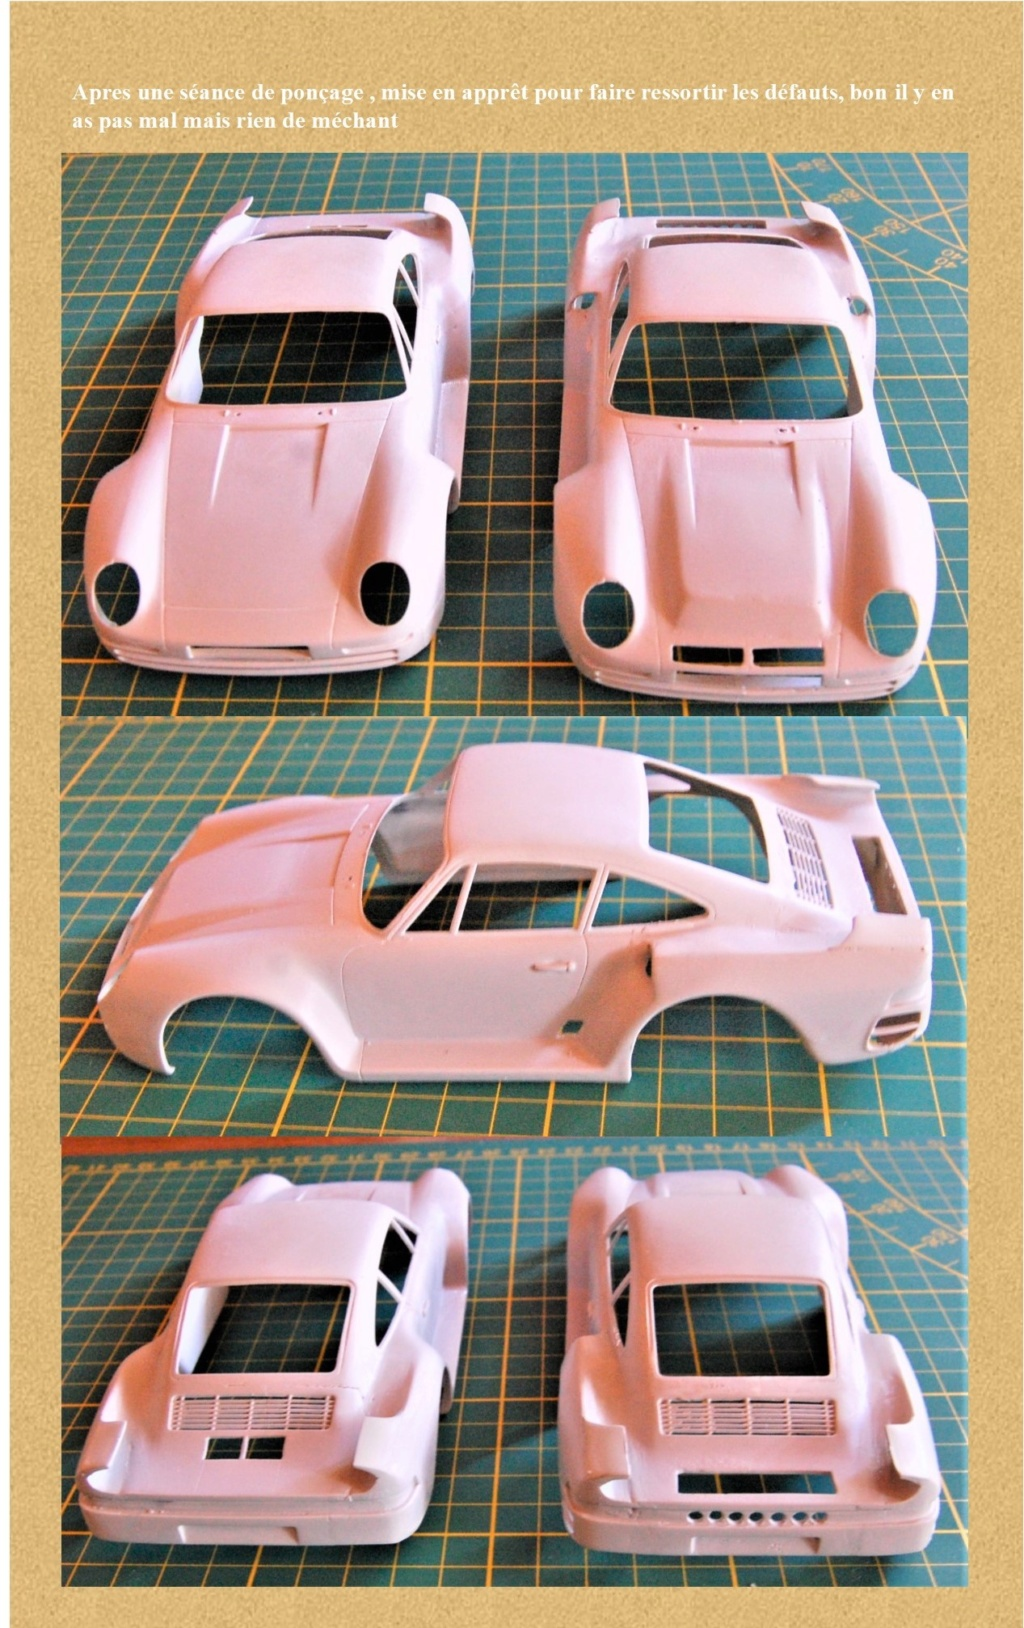 Porsche 959 Paris Dakar 1985 & 1986 - Page 2 710